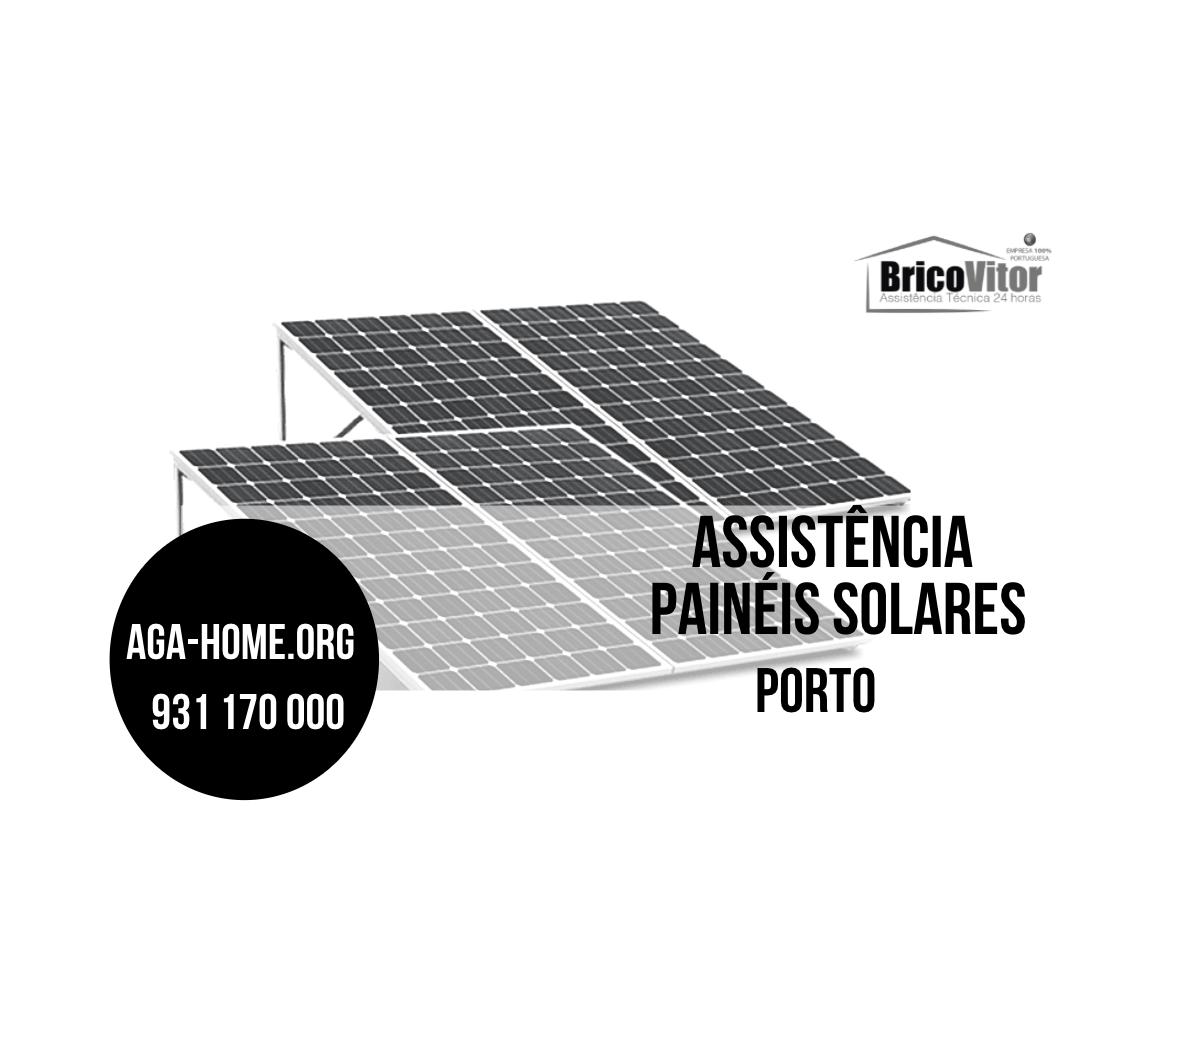 Assistência Painéis Solares Porto